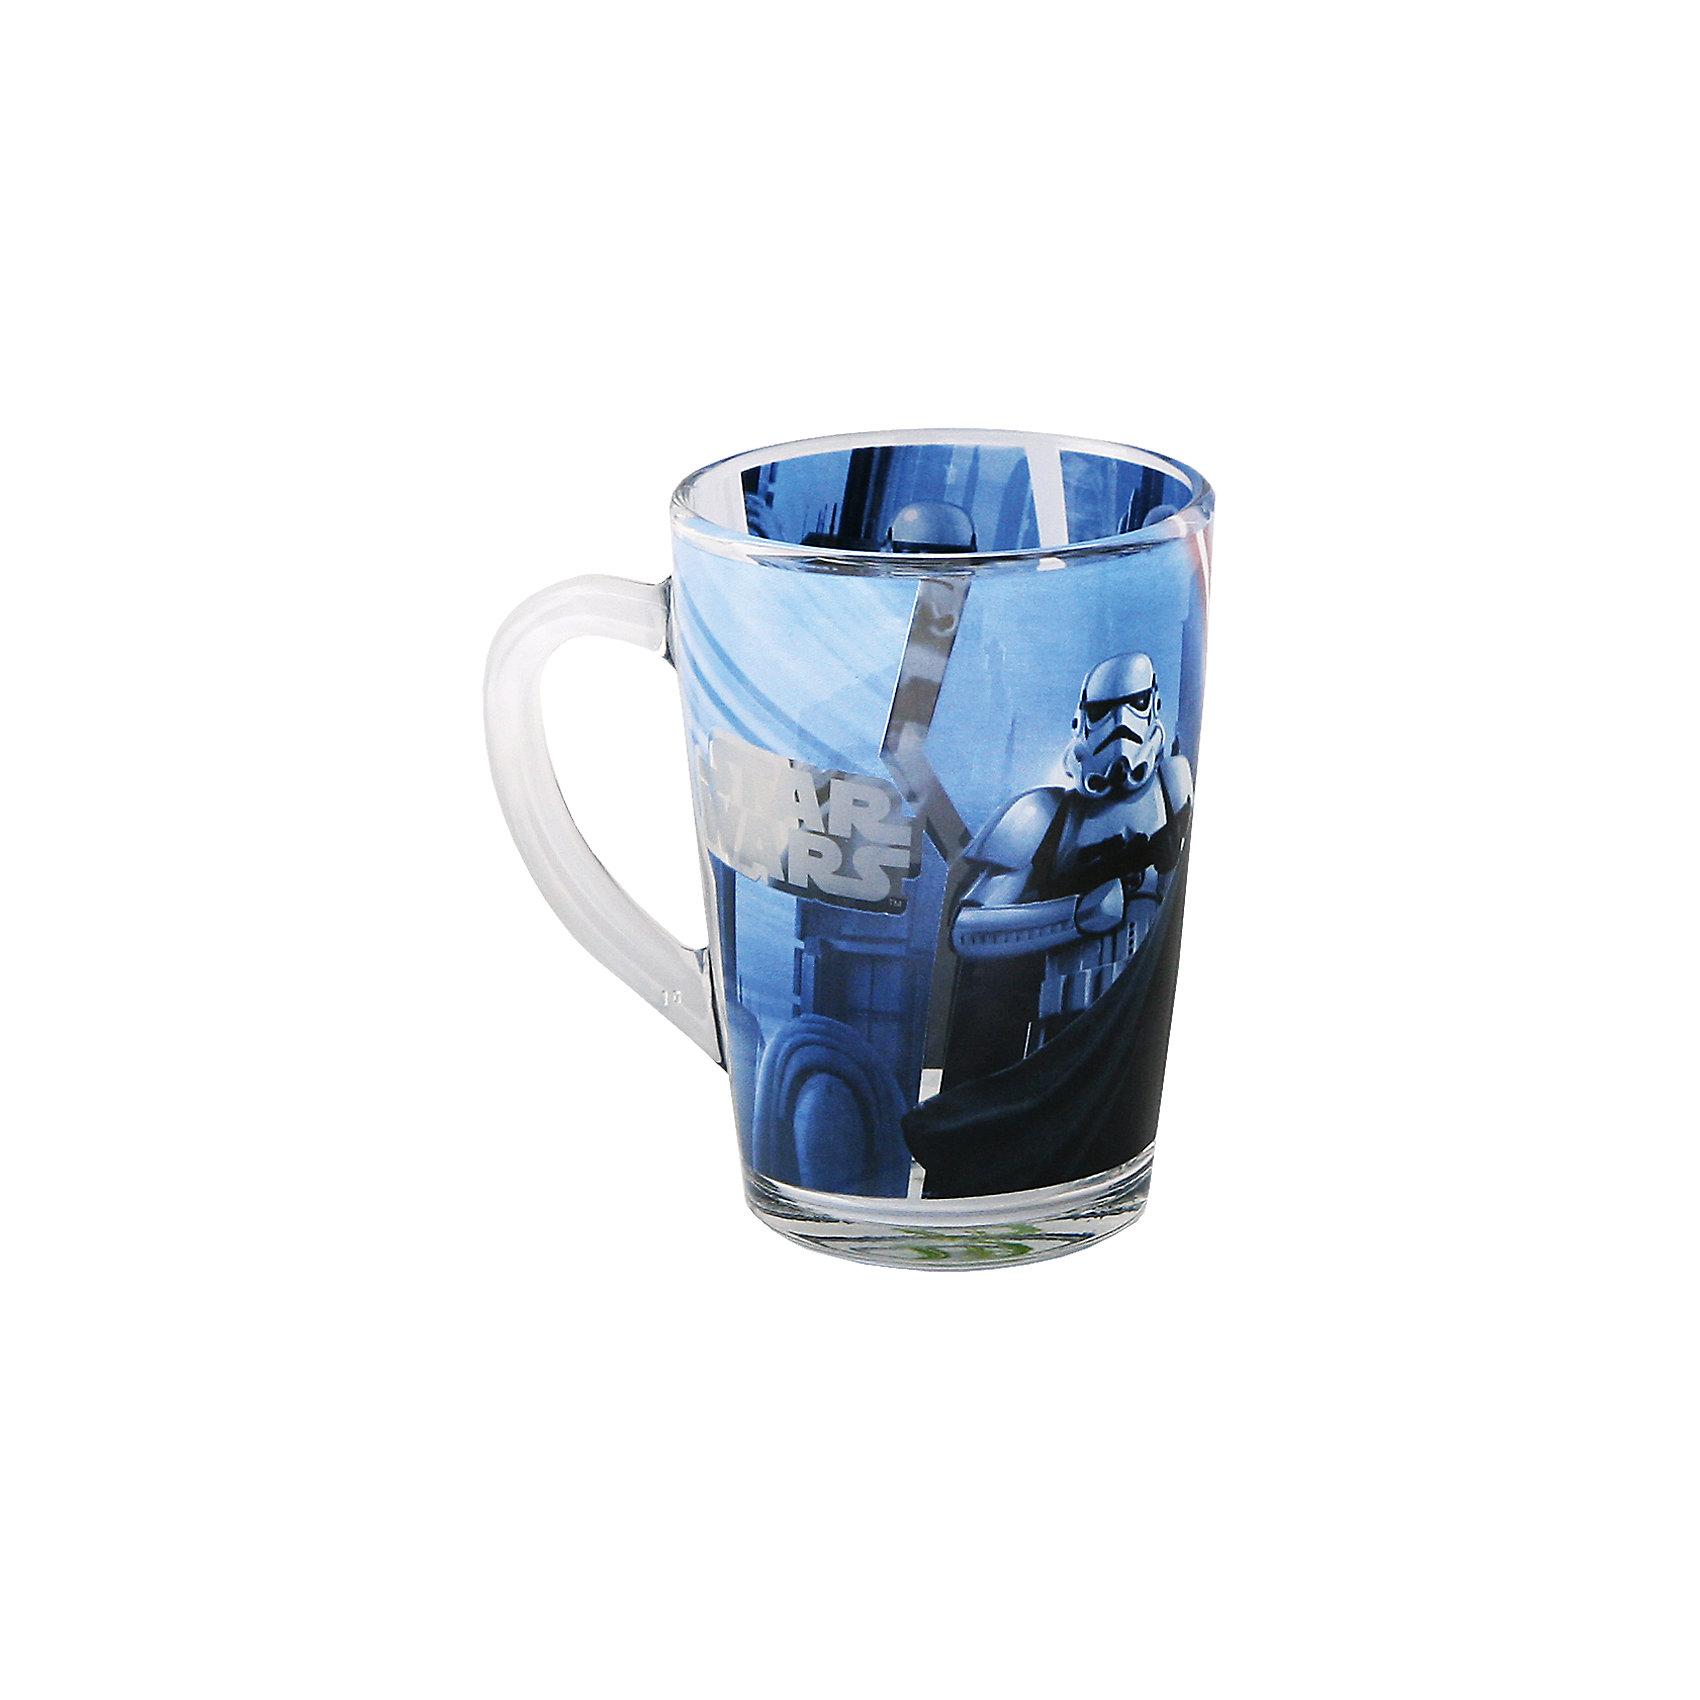 Стеклянная кружка Дарт Вейдер (синяя, 300 мл), Звездные войныЗвездные войны<br>Стеклянная кружка Дарт Вейдер (синяя, 300 мл), Звездные войны – оригинальная детская кружка станет приятным сюрпризом для Вашего ребенка.<br>Стеклянная коническая кружка Дарт Вейдер, оформленная ярким рисунком с изображением Тёмного Лорда и имперского штурмовика, идеально подойдет для повседневного использования. Оригинальный дизайн, удобная ручка, высококачественный материал – это основные характерные особенности данного изделия. Товар сертифицирован.<br><br>Дополнительная информация:<br><br>- Объем: 300 мл.<br>- Материал: стекло<br>- Цвет рисунка: синий<br>- Размер: 11 х 8 х 11 см.<br>- Вес: 305 гр.<br><br>Стеклянную кружку Дарт Вейдер (синяя, 300 мл), Звездные войны можно купить в нашем интернет-магазине.<br><br>Ширина мм: 110<br>Глубина мм: 80<br>Высота мм: 110<br>Вес г: 305<br>Возраст от месяцев: 36<br>Возраст до месяцев: 192<br>Пол: Унисекс<br>Возраст: Детский<br>SKU: 4536260